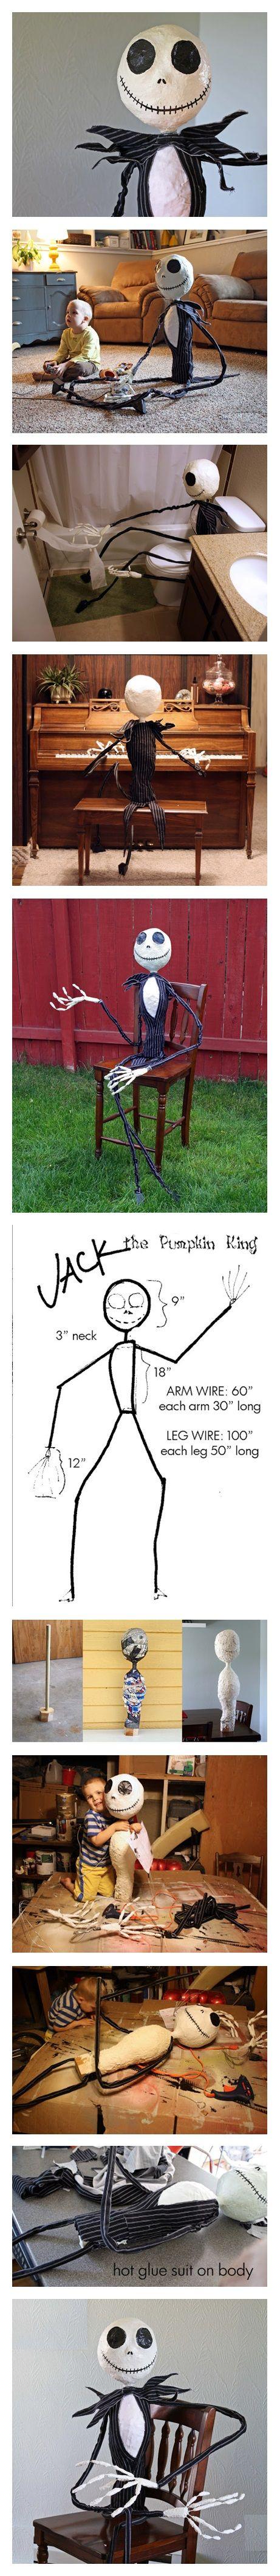 Omg I can make Jack?!?!?